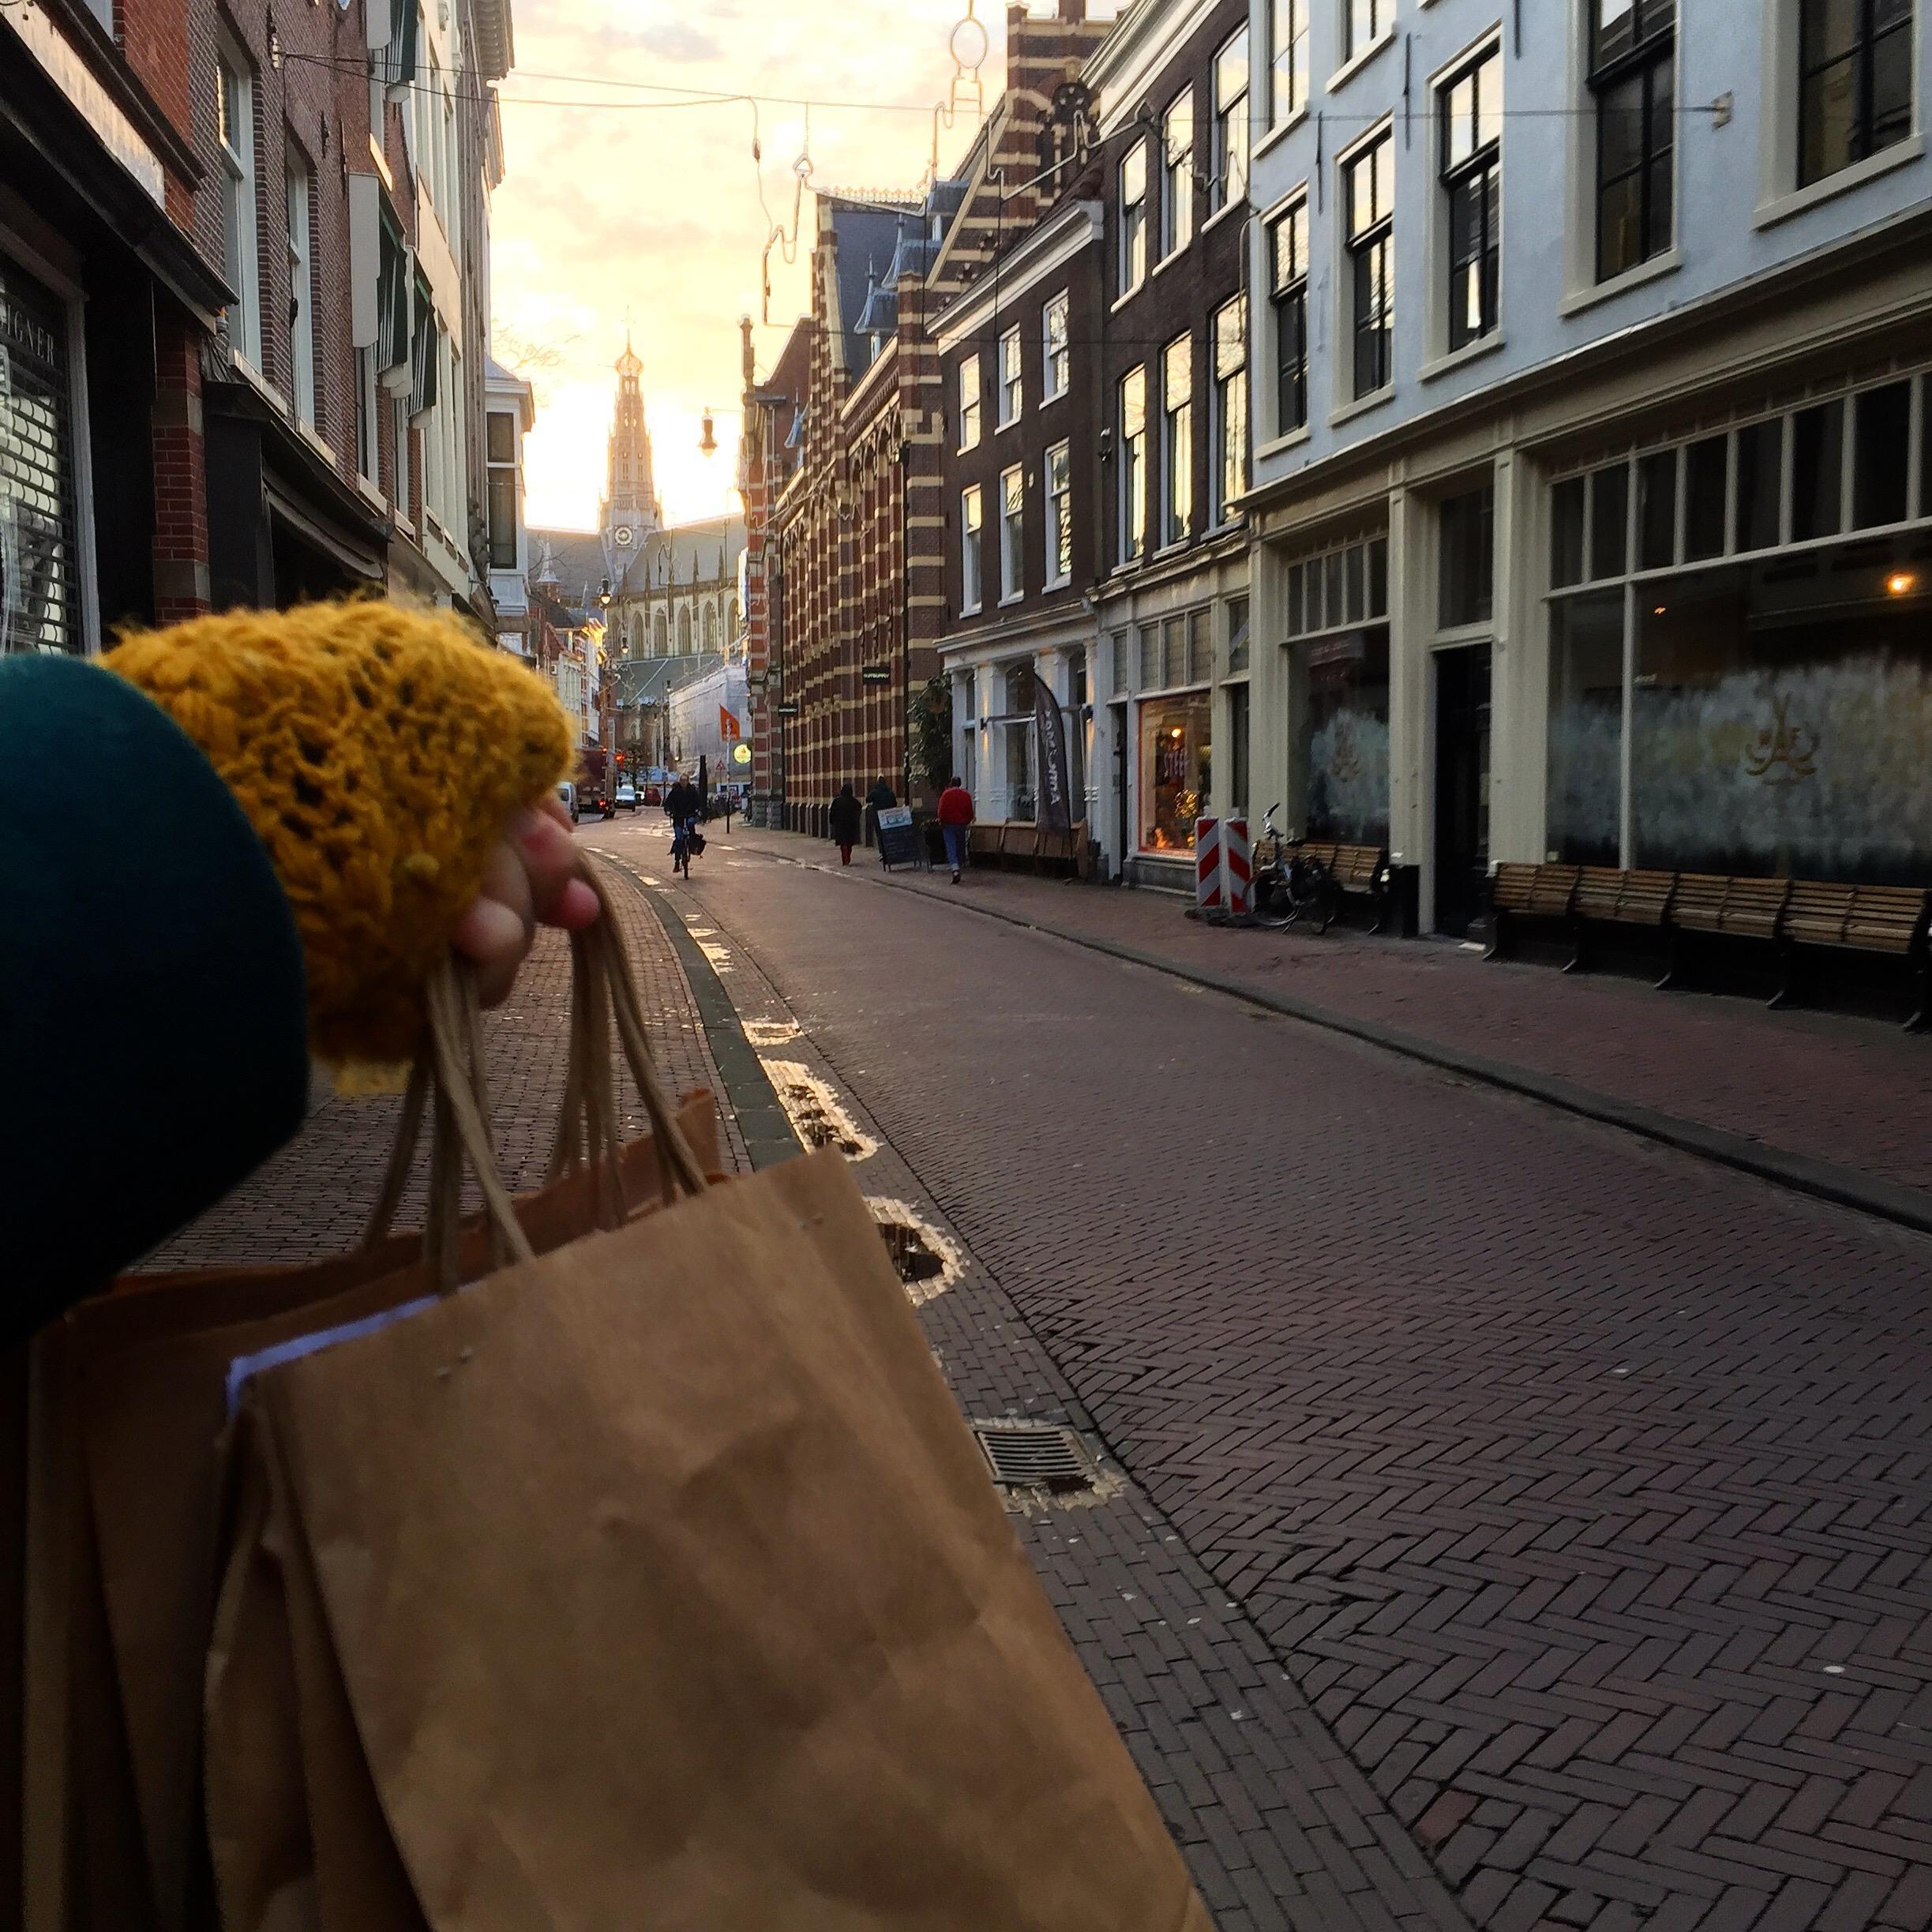 Campagne 'Ik steun mijn boekhandel' leidt tot enorme toename van verkochte boeken in de regio Haarlem; 'Dit overrompelt ons, het is echt hartverwarmend'